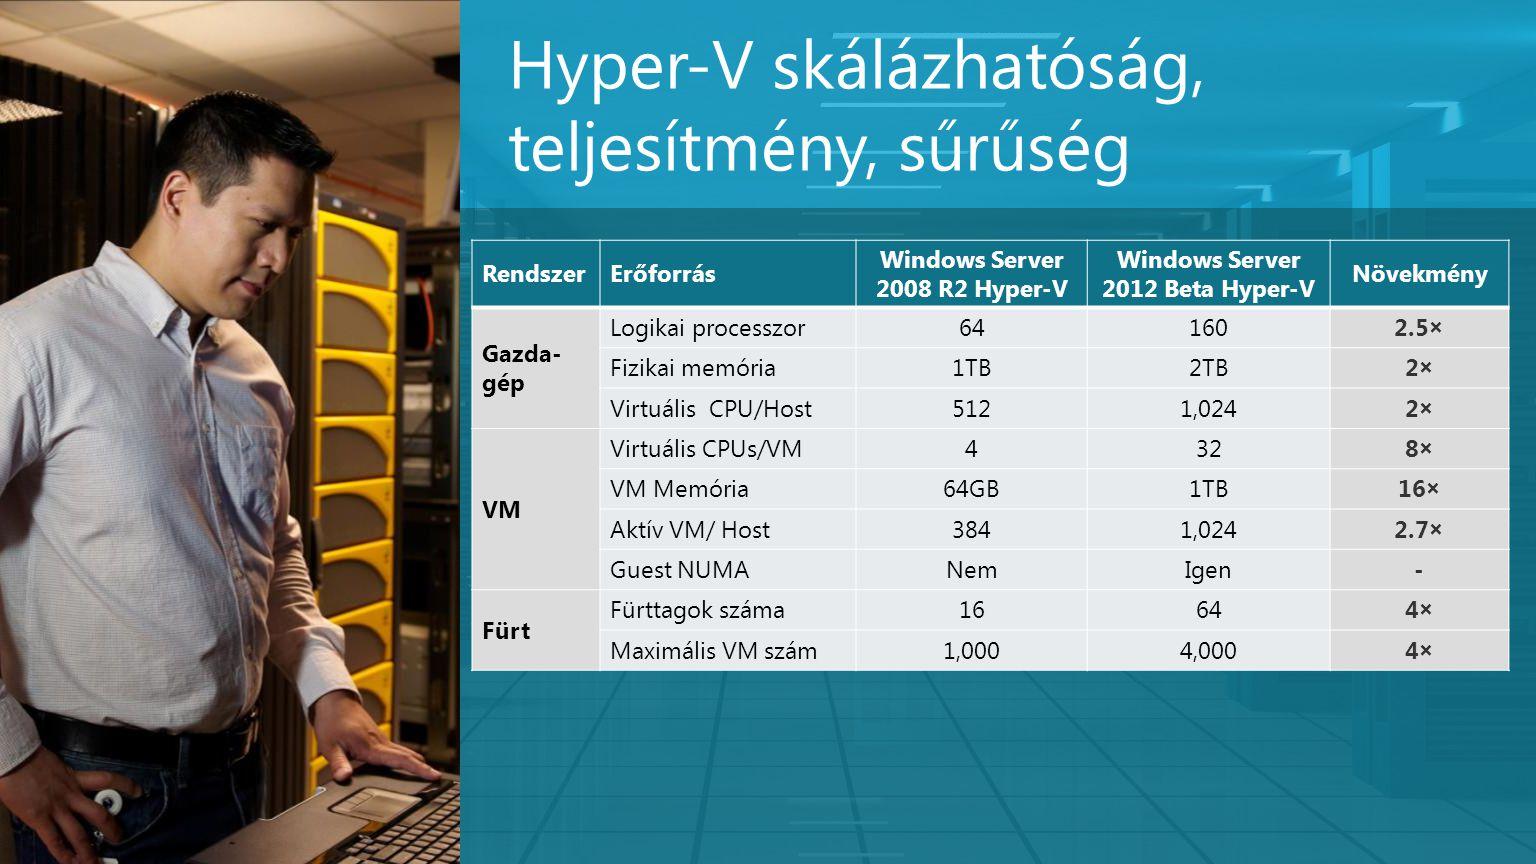 Hyper-V skálázhatóság, teljesítmény, sűrűség RendszerErőforrás Windows Server 2008 R2 Hyper-V Windows Server 2012 Beta Hyper-V Növekmény Gazda- gép Lo